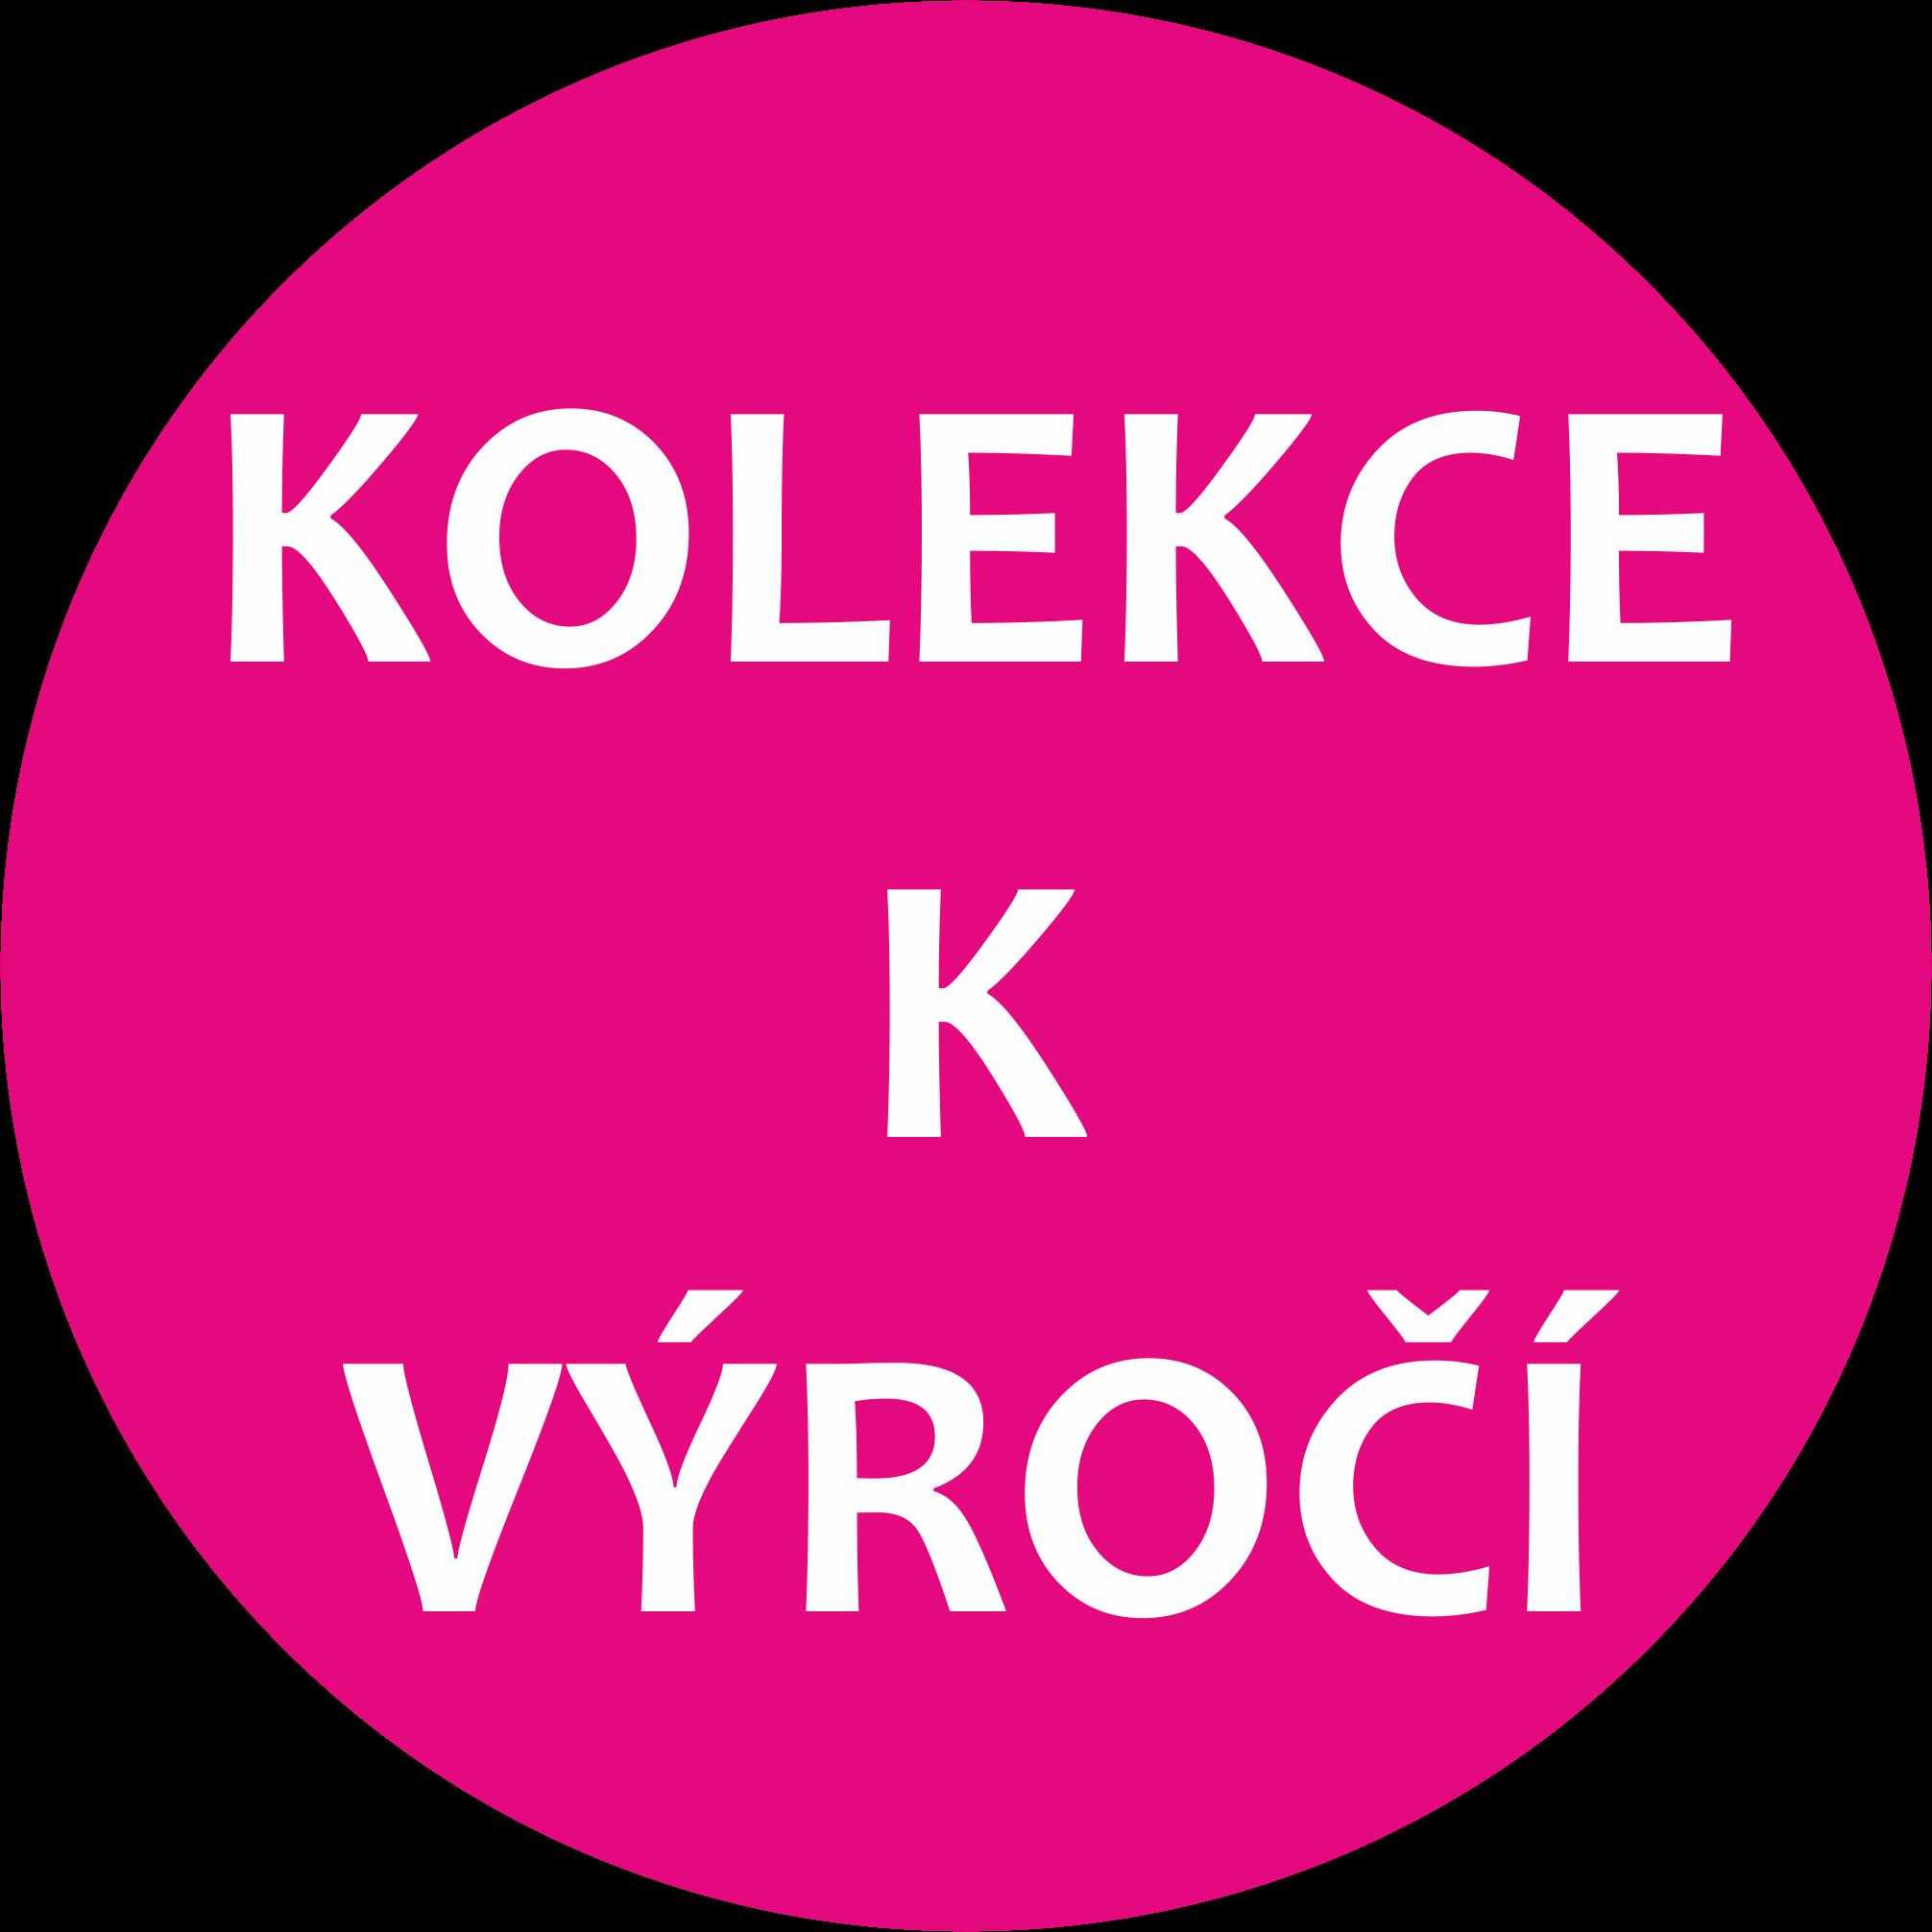 10LETZNACKY_WEB_KOLEKCKO_KOLEKCE